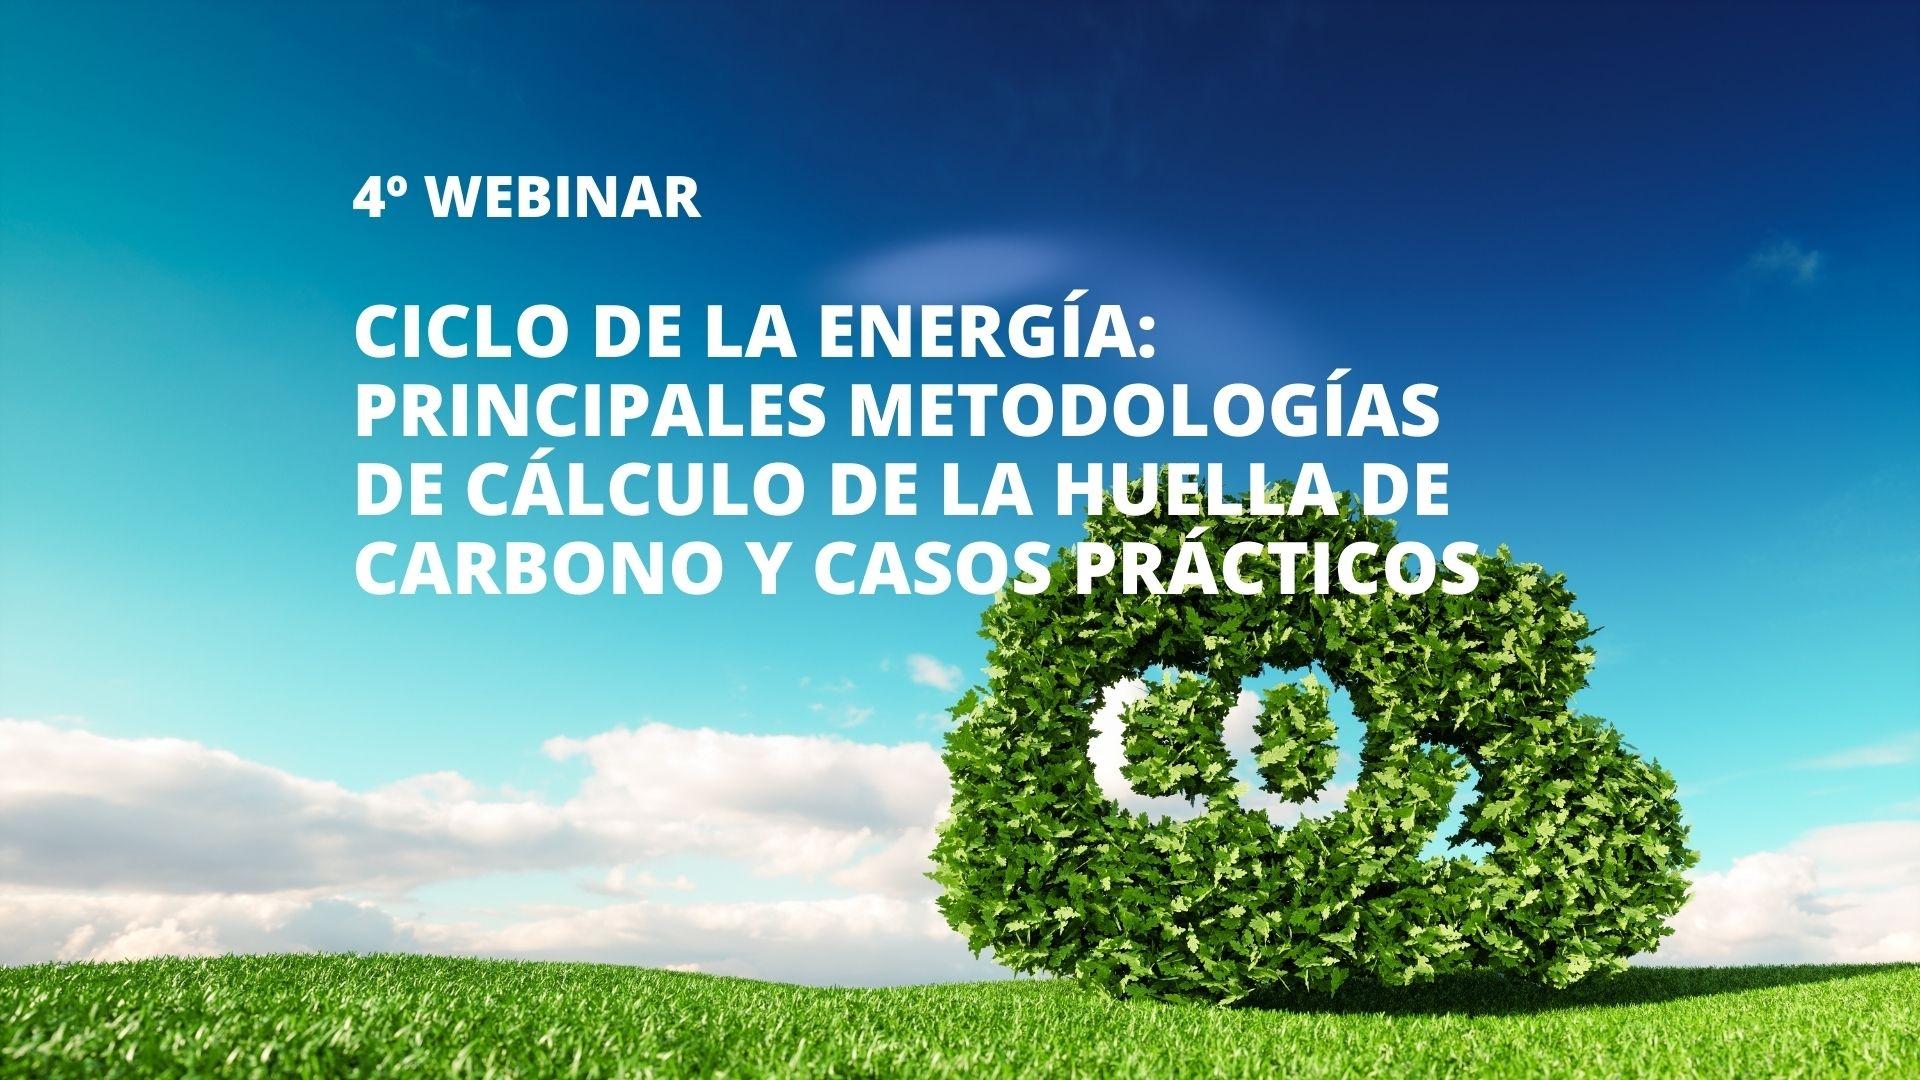 Cenifer-CICLO DE LA ENERGIA- Principales metodologías de cálculo de la huella de carbono y casos prácticos_nov2020